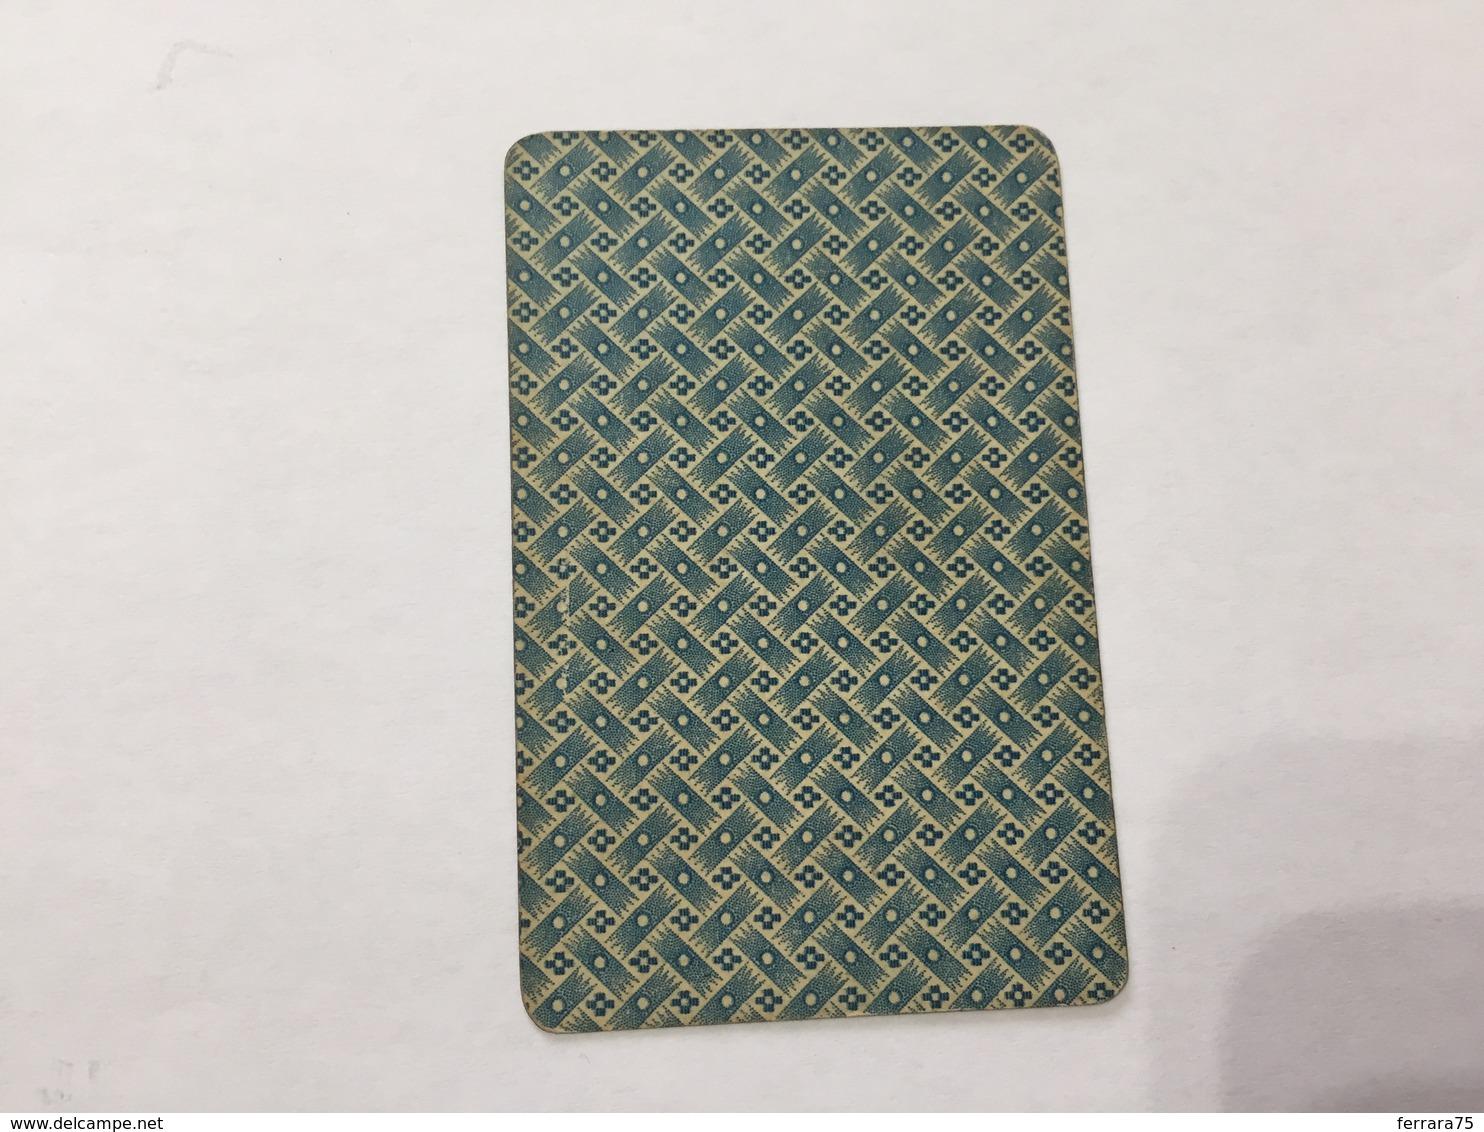 CARTA DA GIOCO POKER FRATELLI ARMANINO REGINA DI CUORI 1886 GENOVA - Altre Collezioni